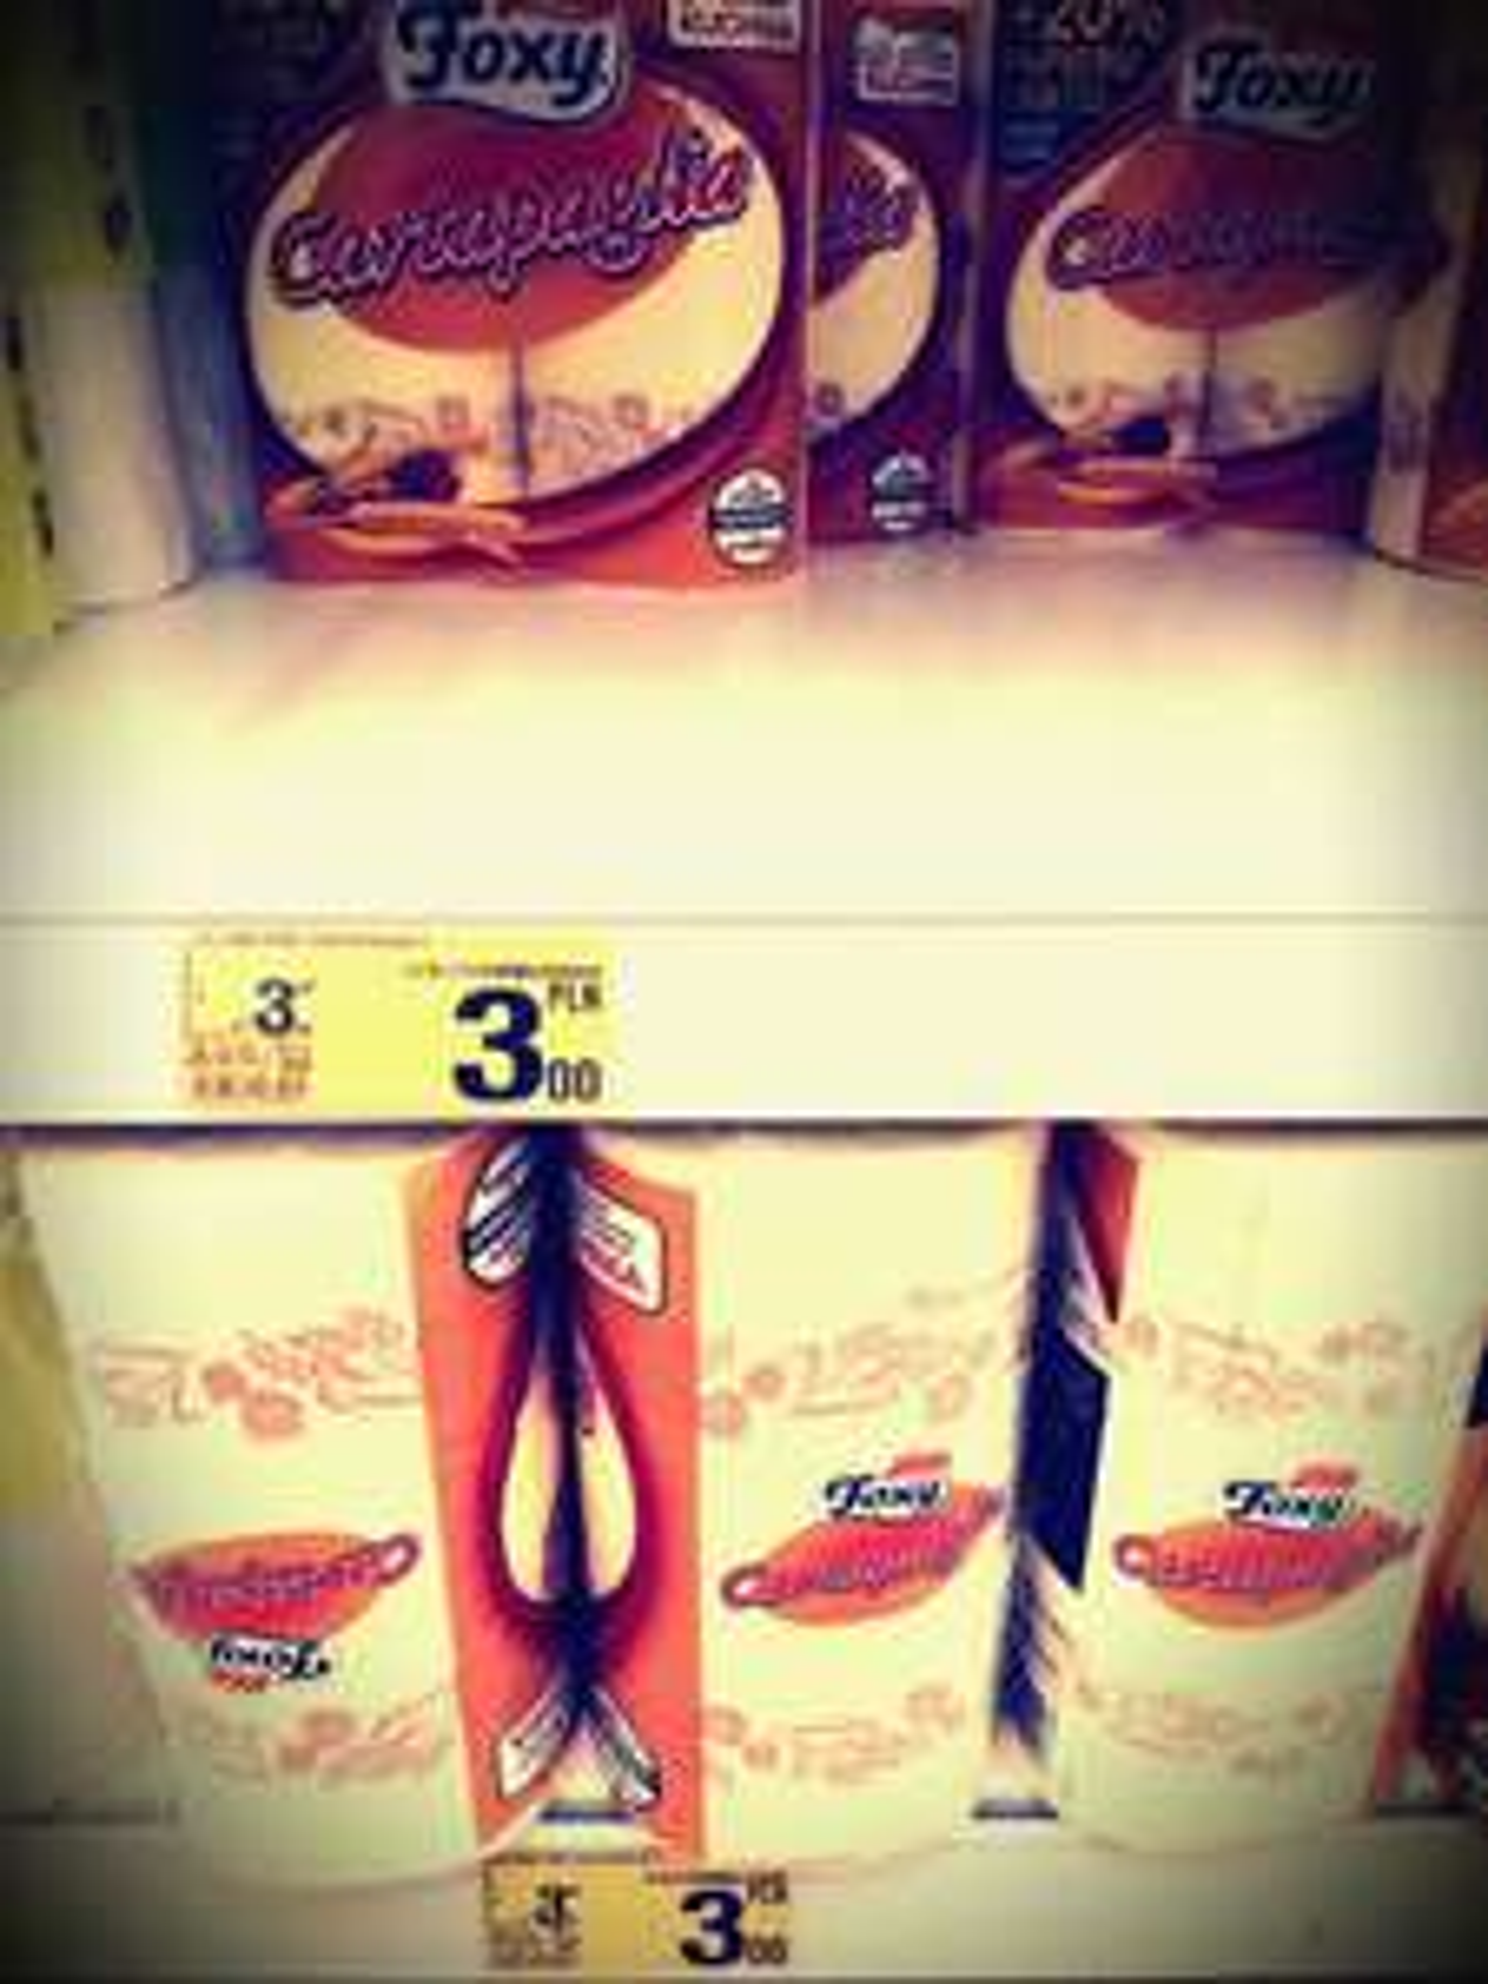 Ręczniki Foxy Cartapaglia @ Auchan Słupsk